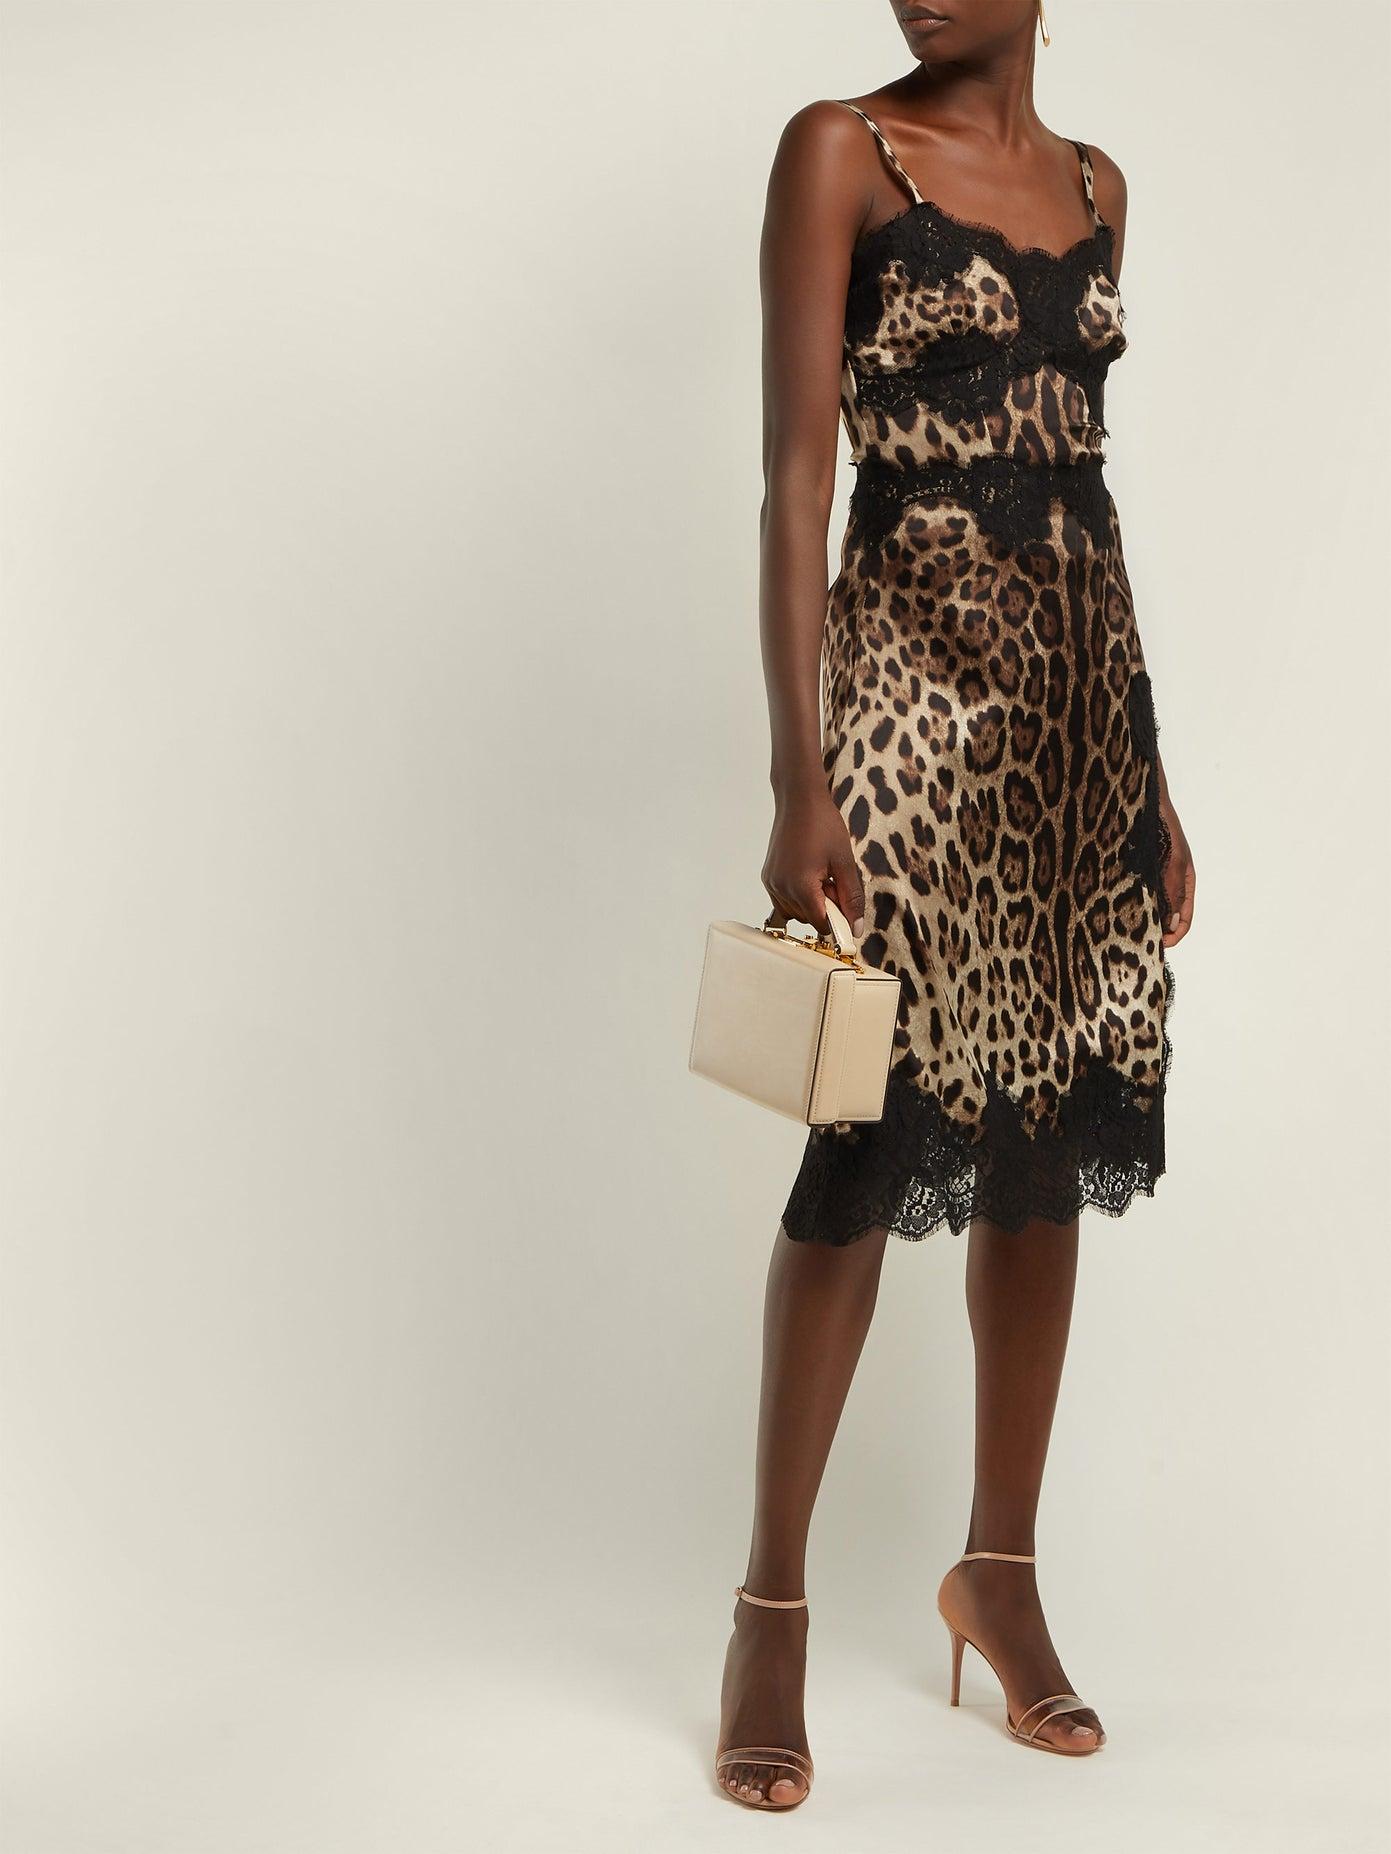 Рокля Dolce&Gabbana от 3 038лв. на 1 822лв.